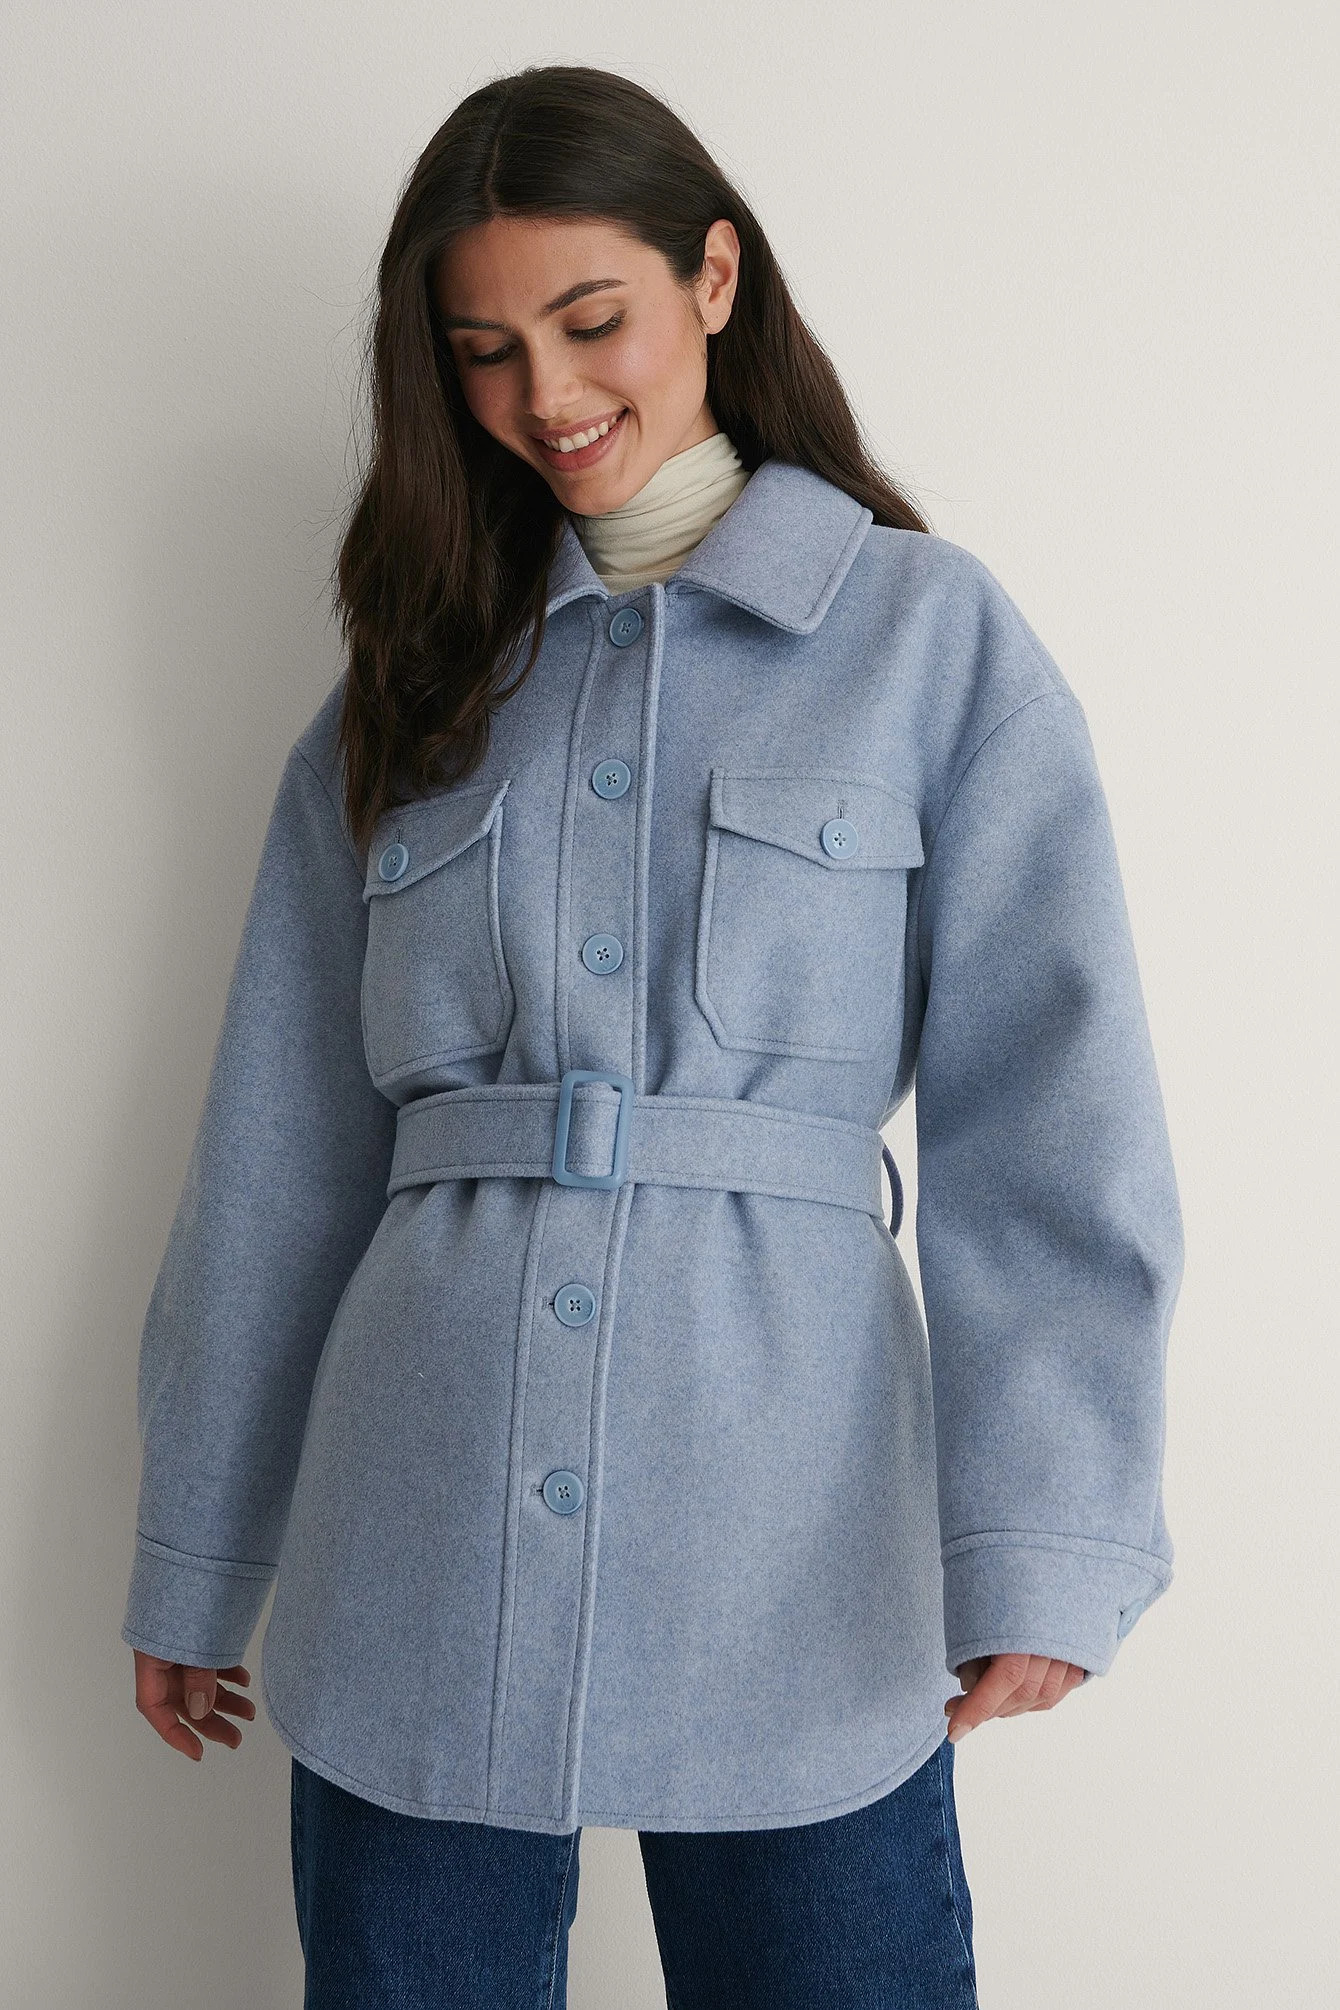 Ljusblå jacka/kappa med midjebälte